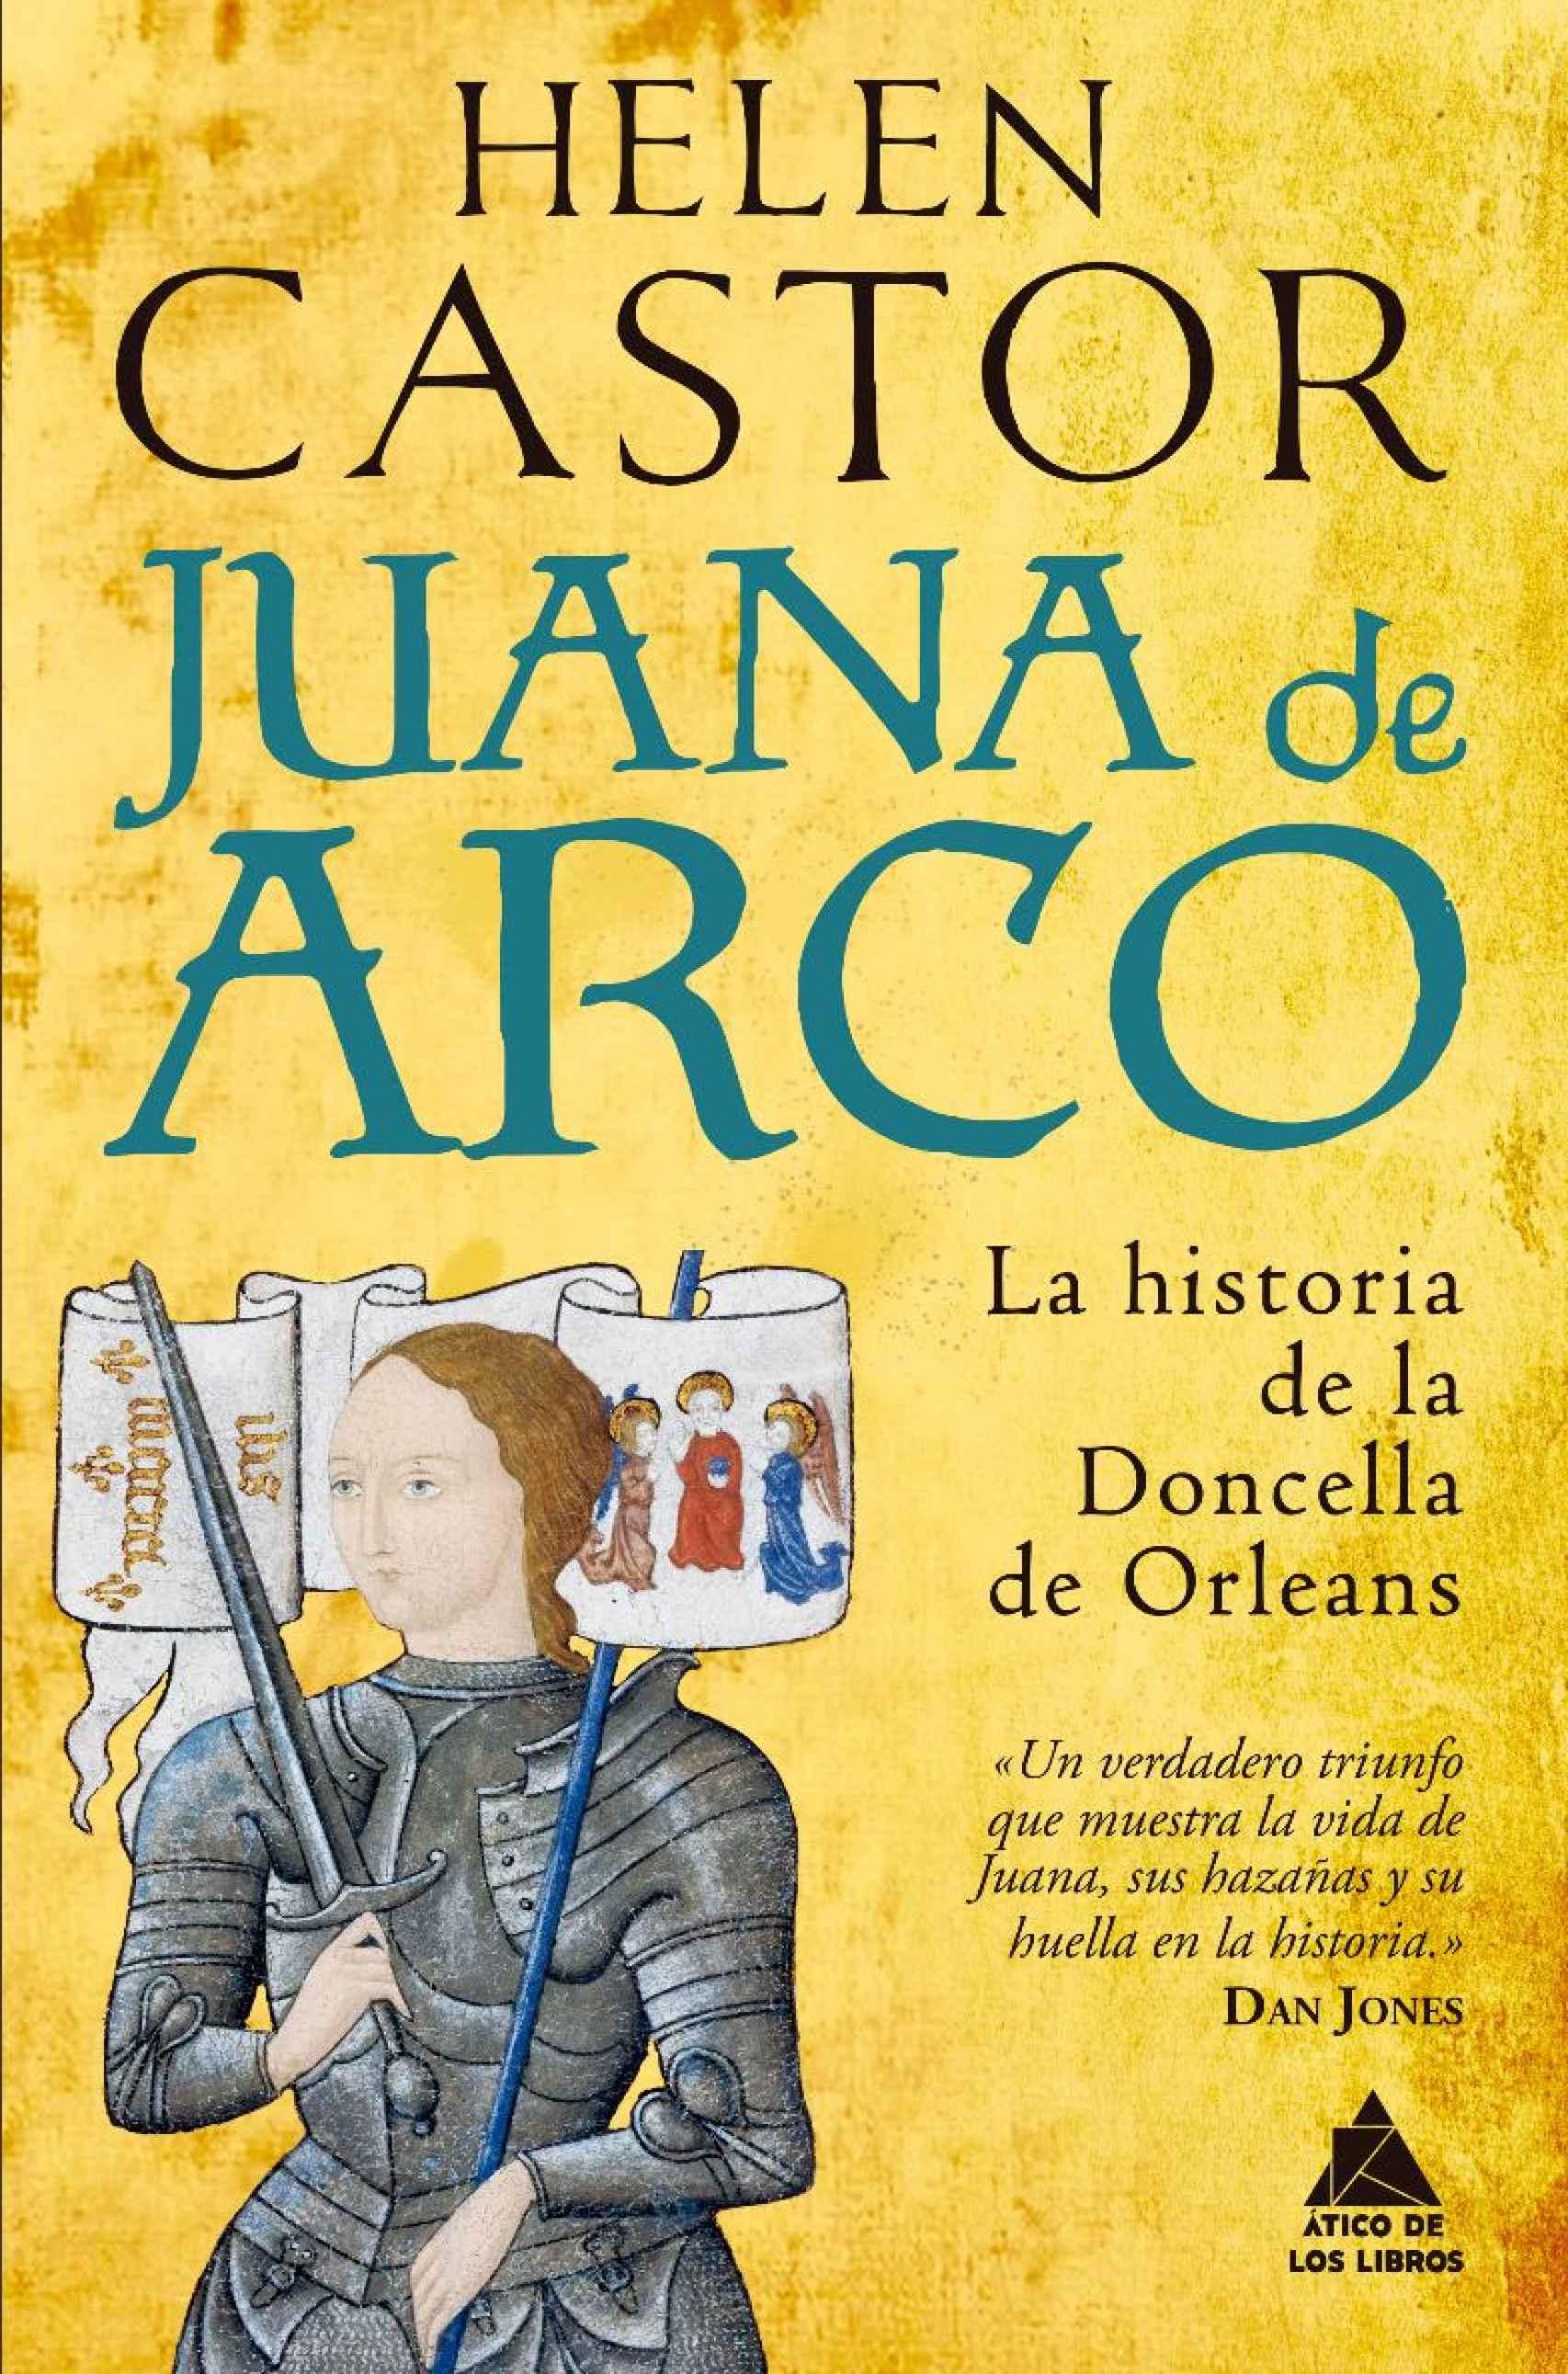 Portada de 'Juana de Arco'.